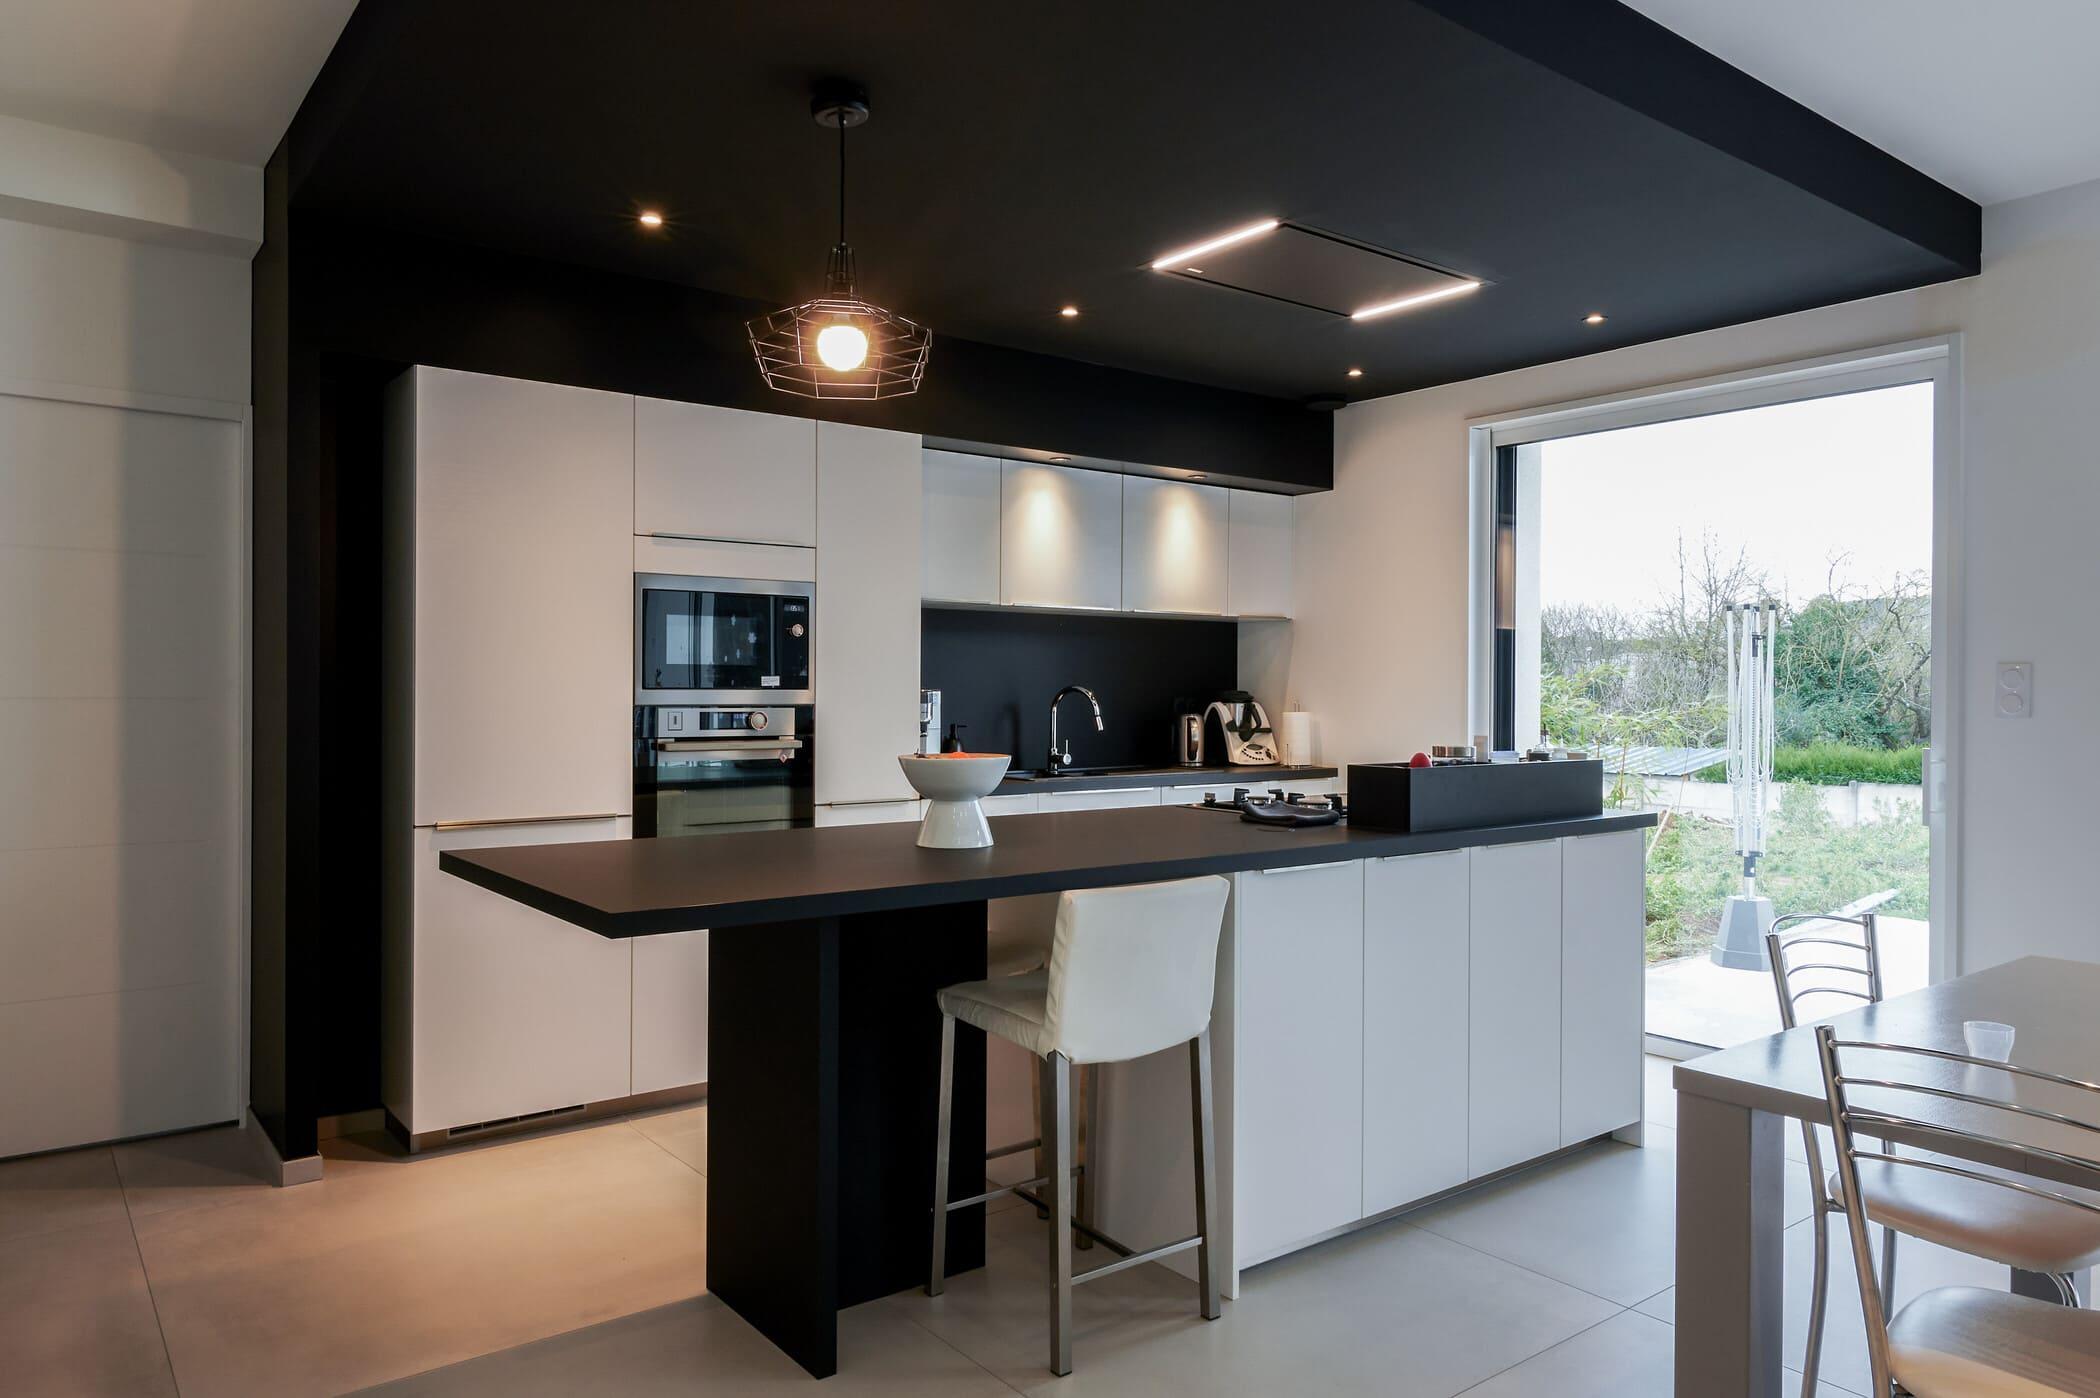 Cuisine ouverte design noire et blanche avec îlot central | Raison Home - 1